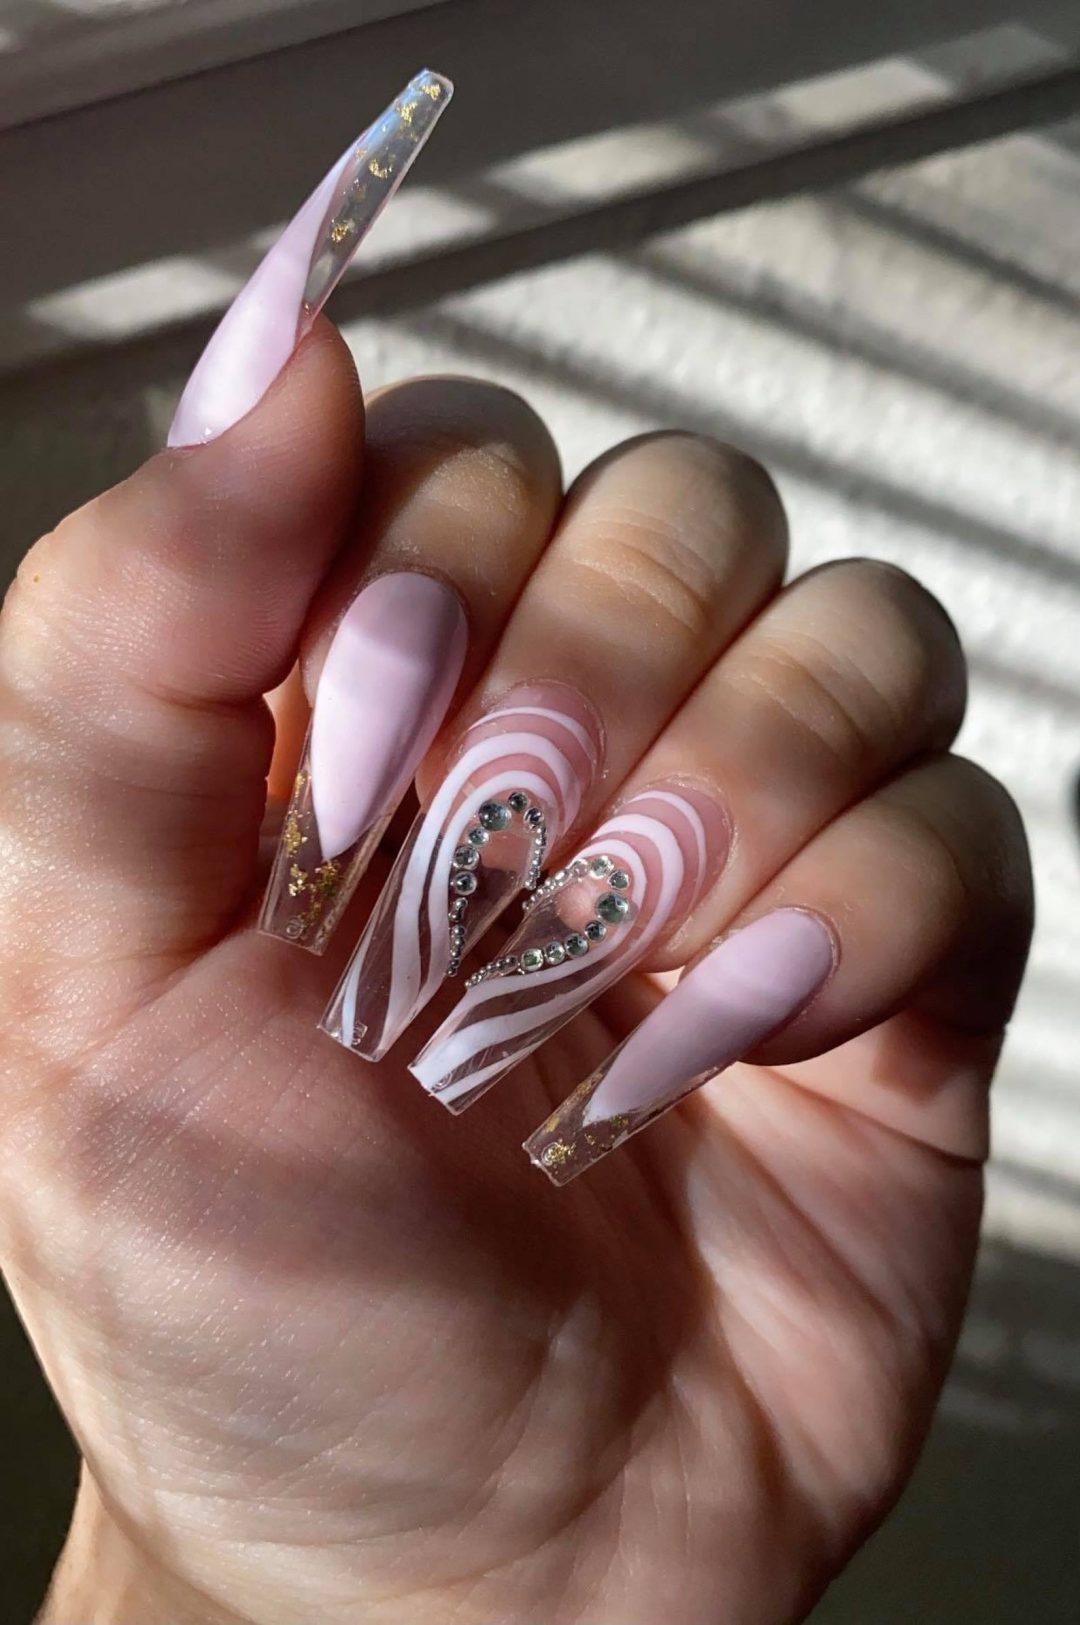 Lilac heart nails